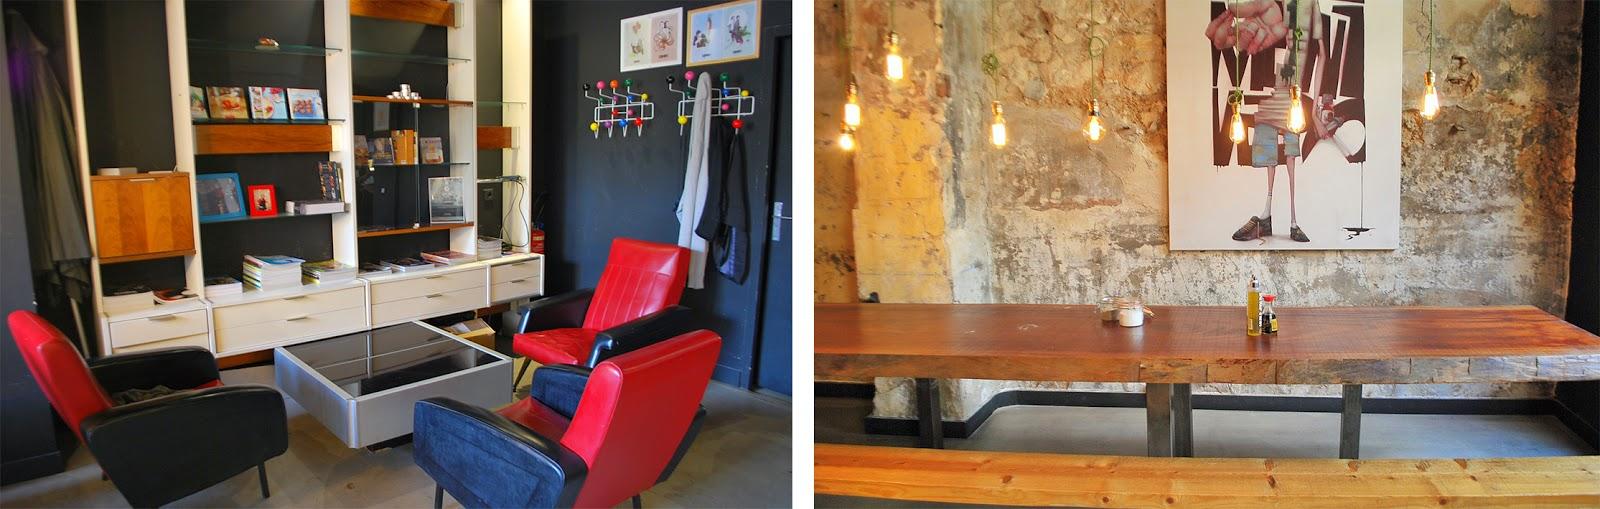 décoration spok marseille timone, table, coin repos, fauteuils